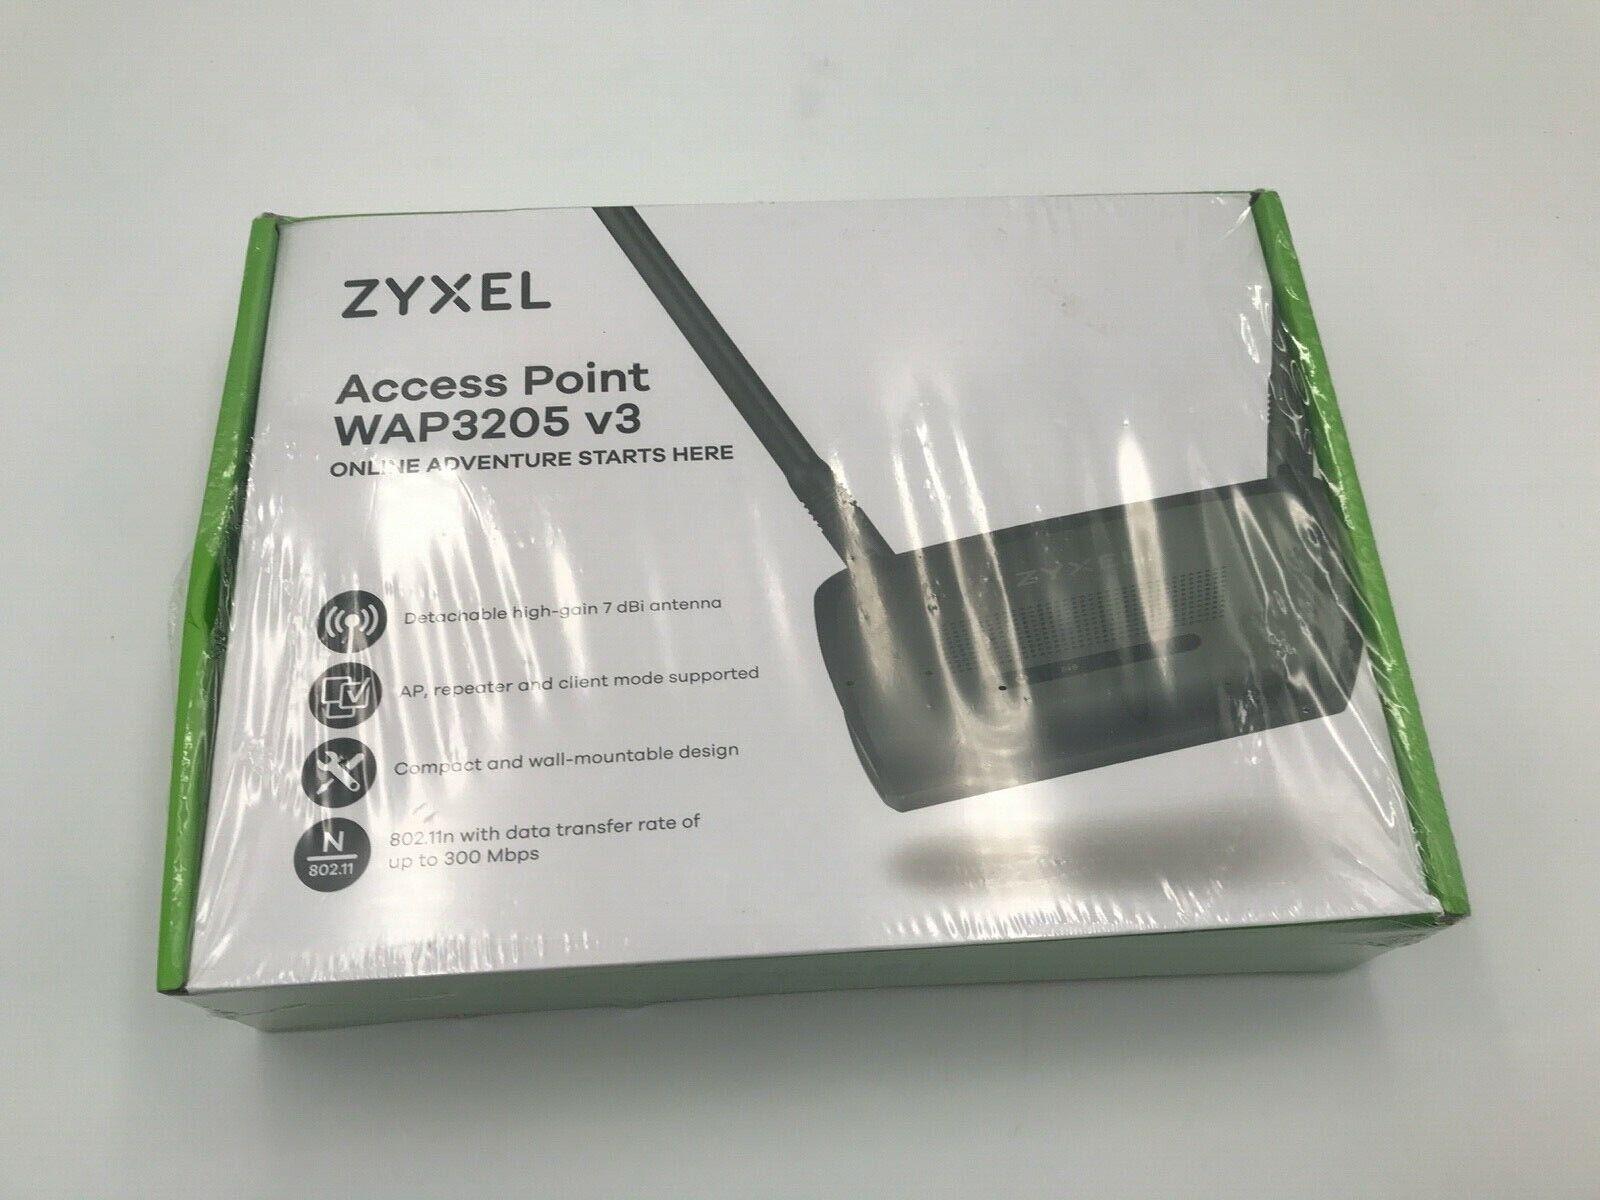 ZyXEL WAP3205v3 802.11n Wireless Access Point